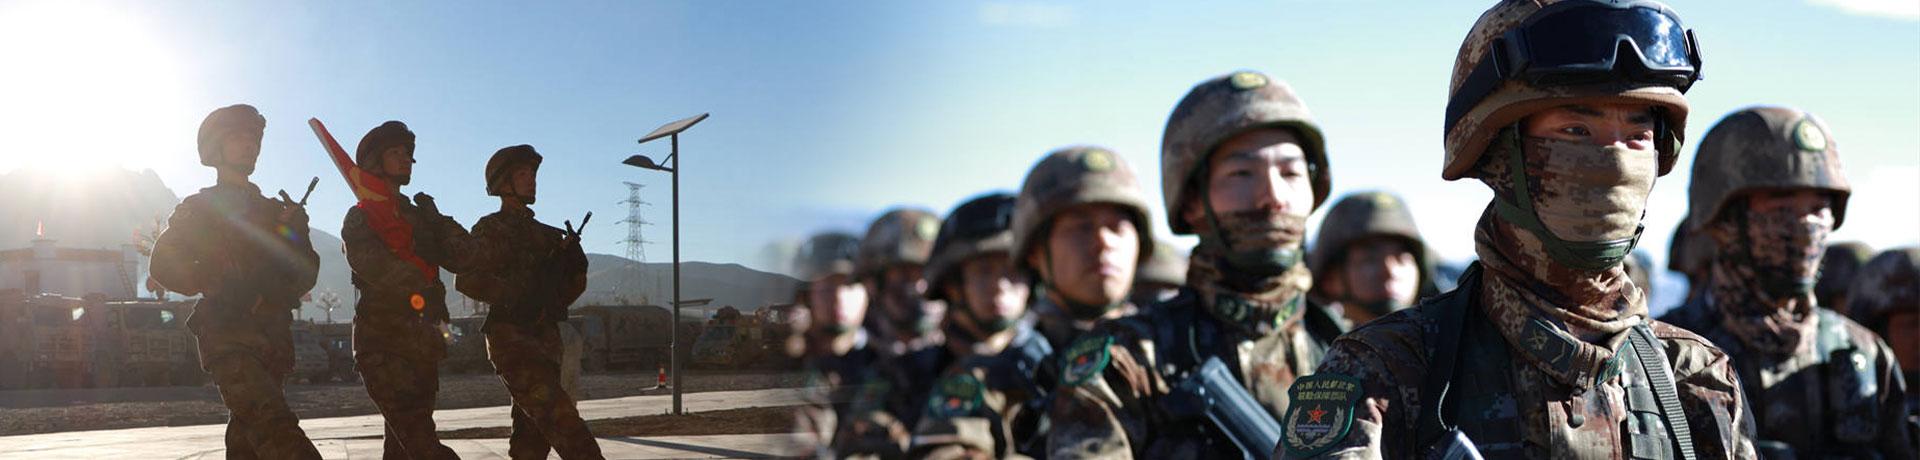 联勤保障部队